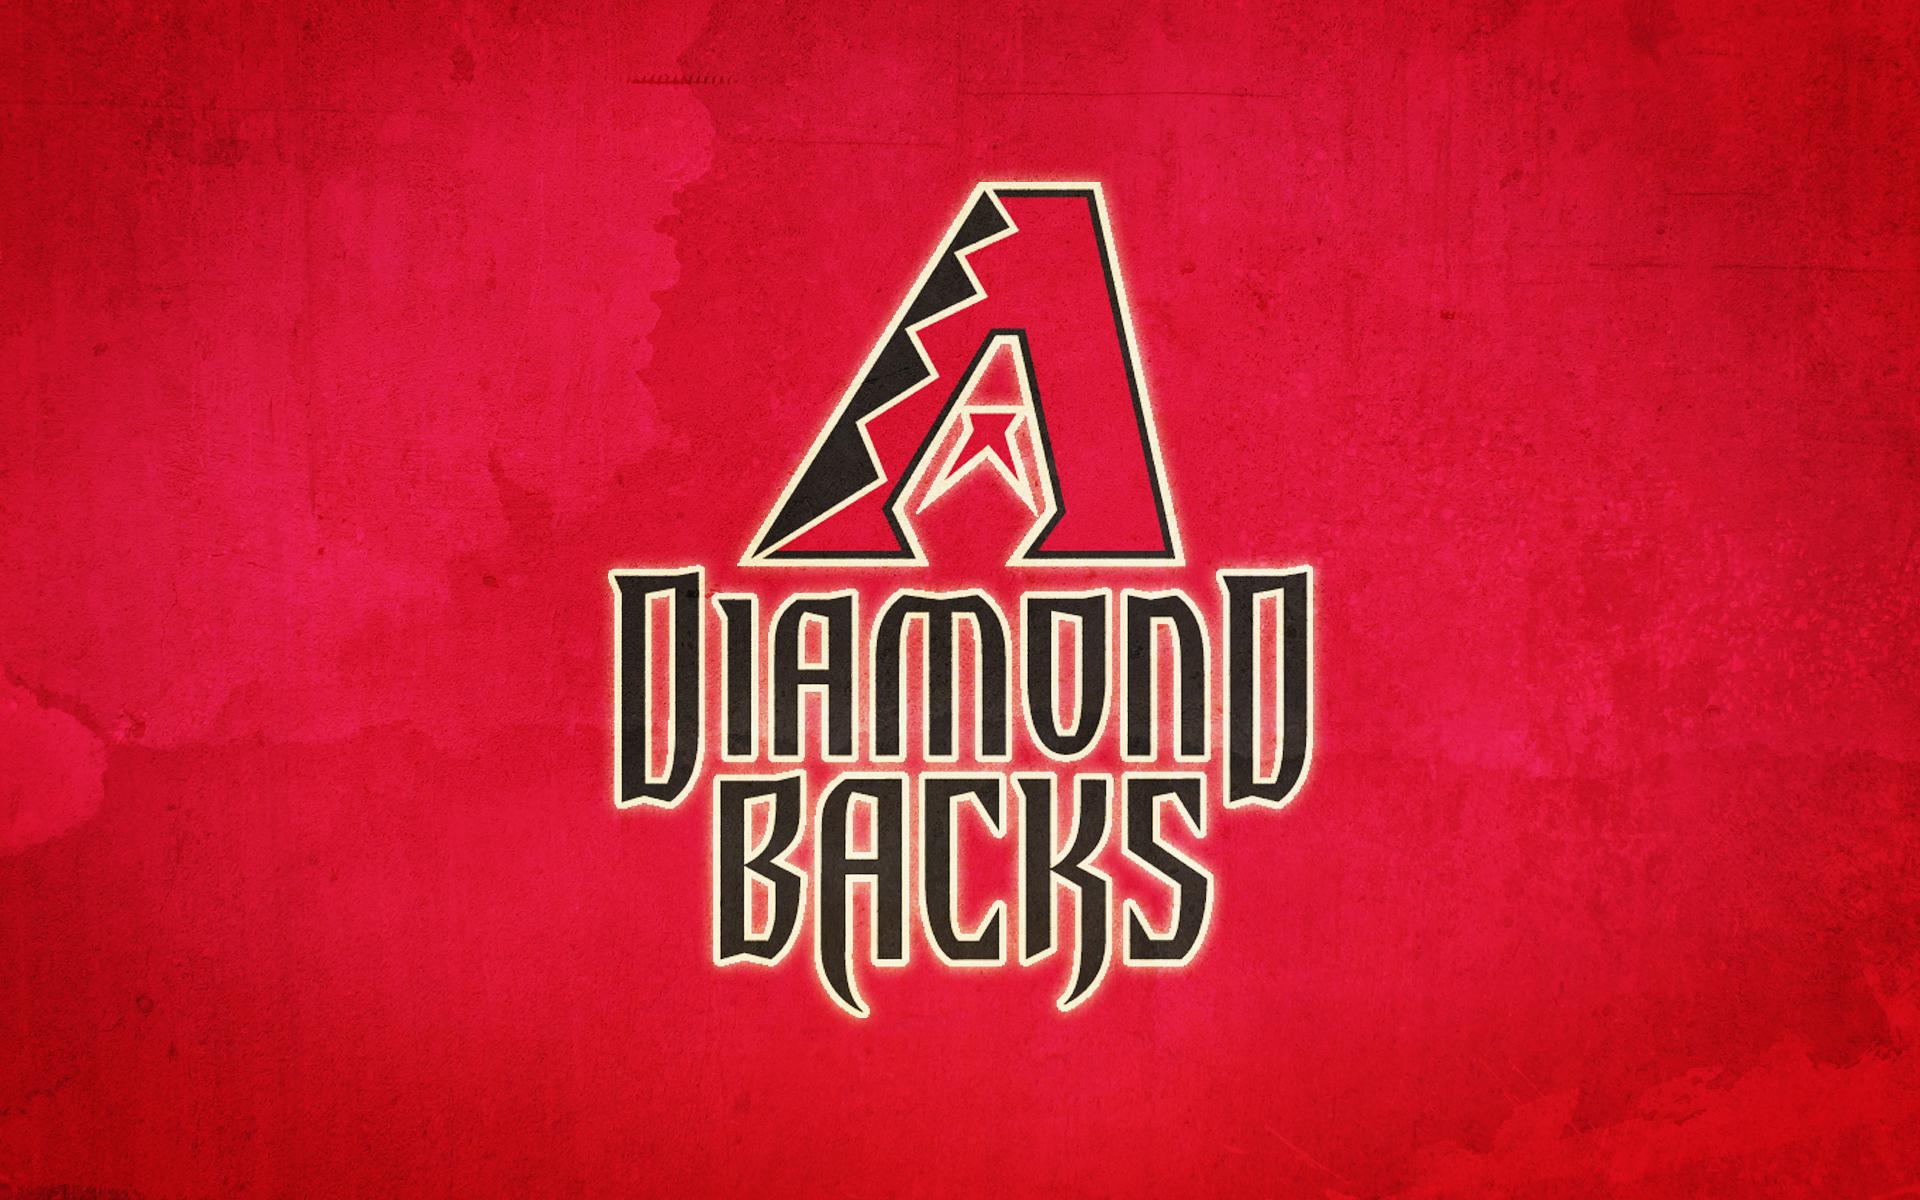 arizona diamondbacks logo desktop wallpaper 50483